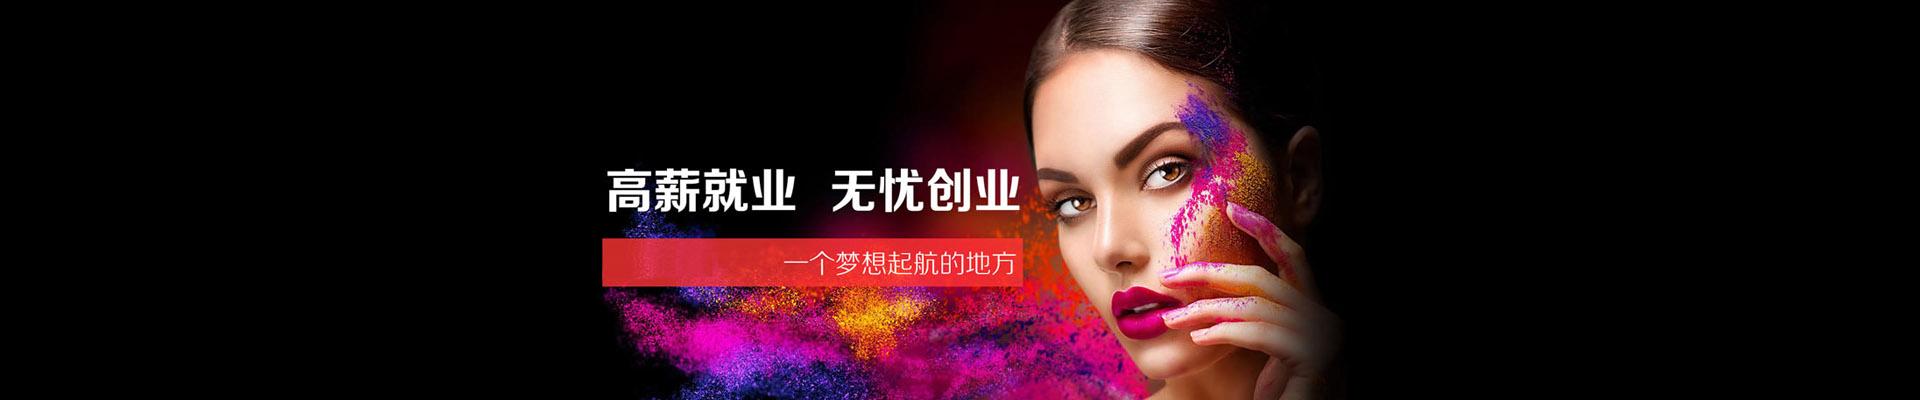 内蒙古丽妍国际美容美发化妆学校